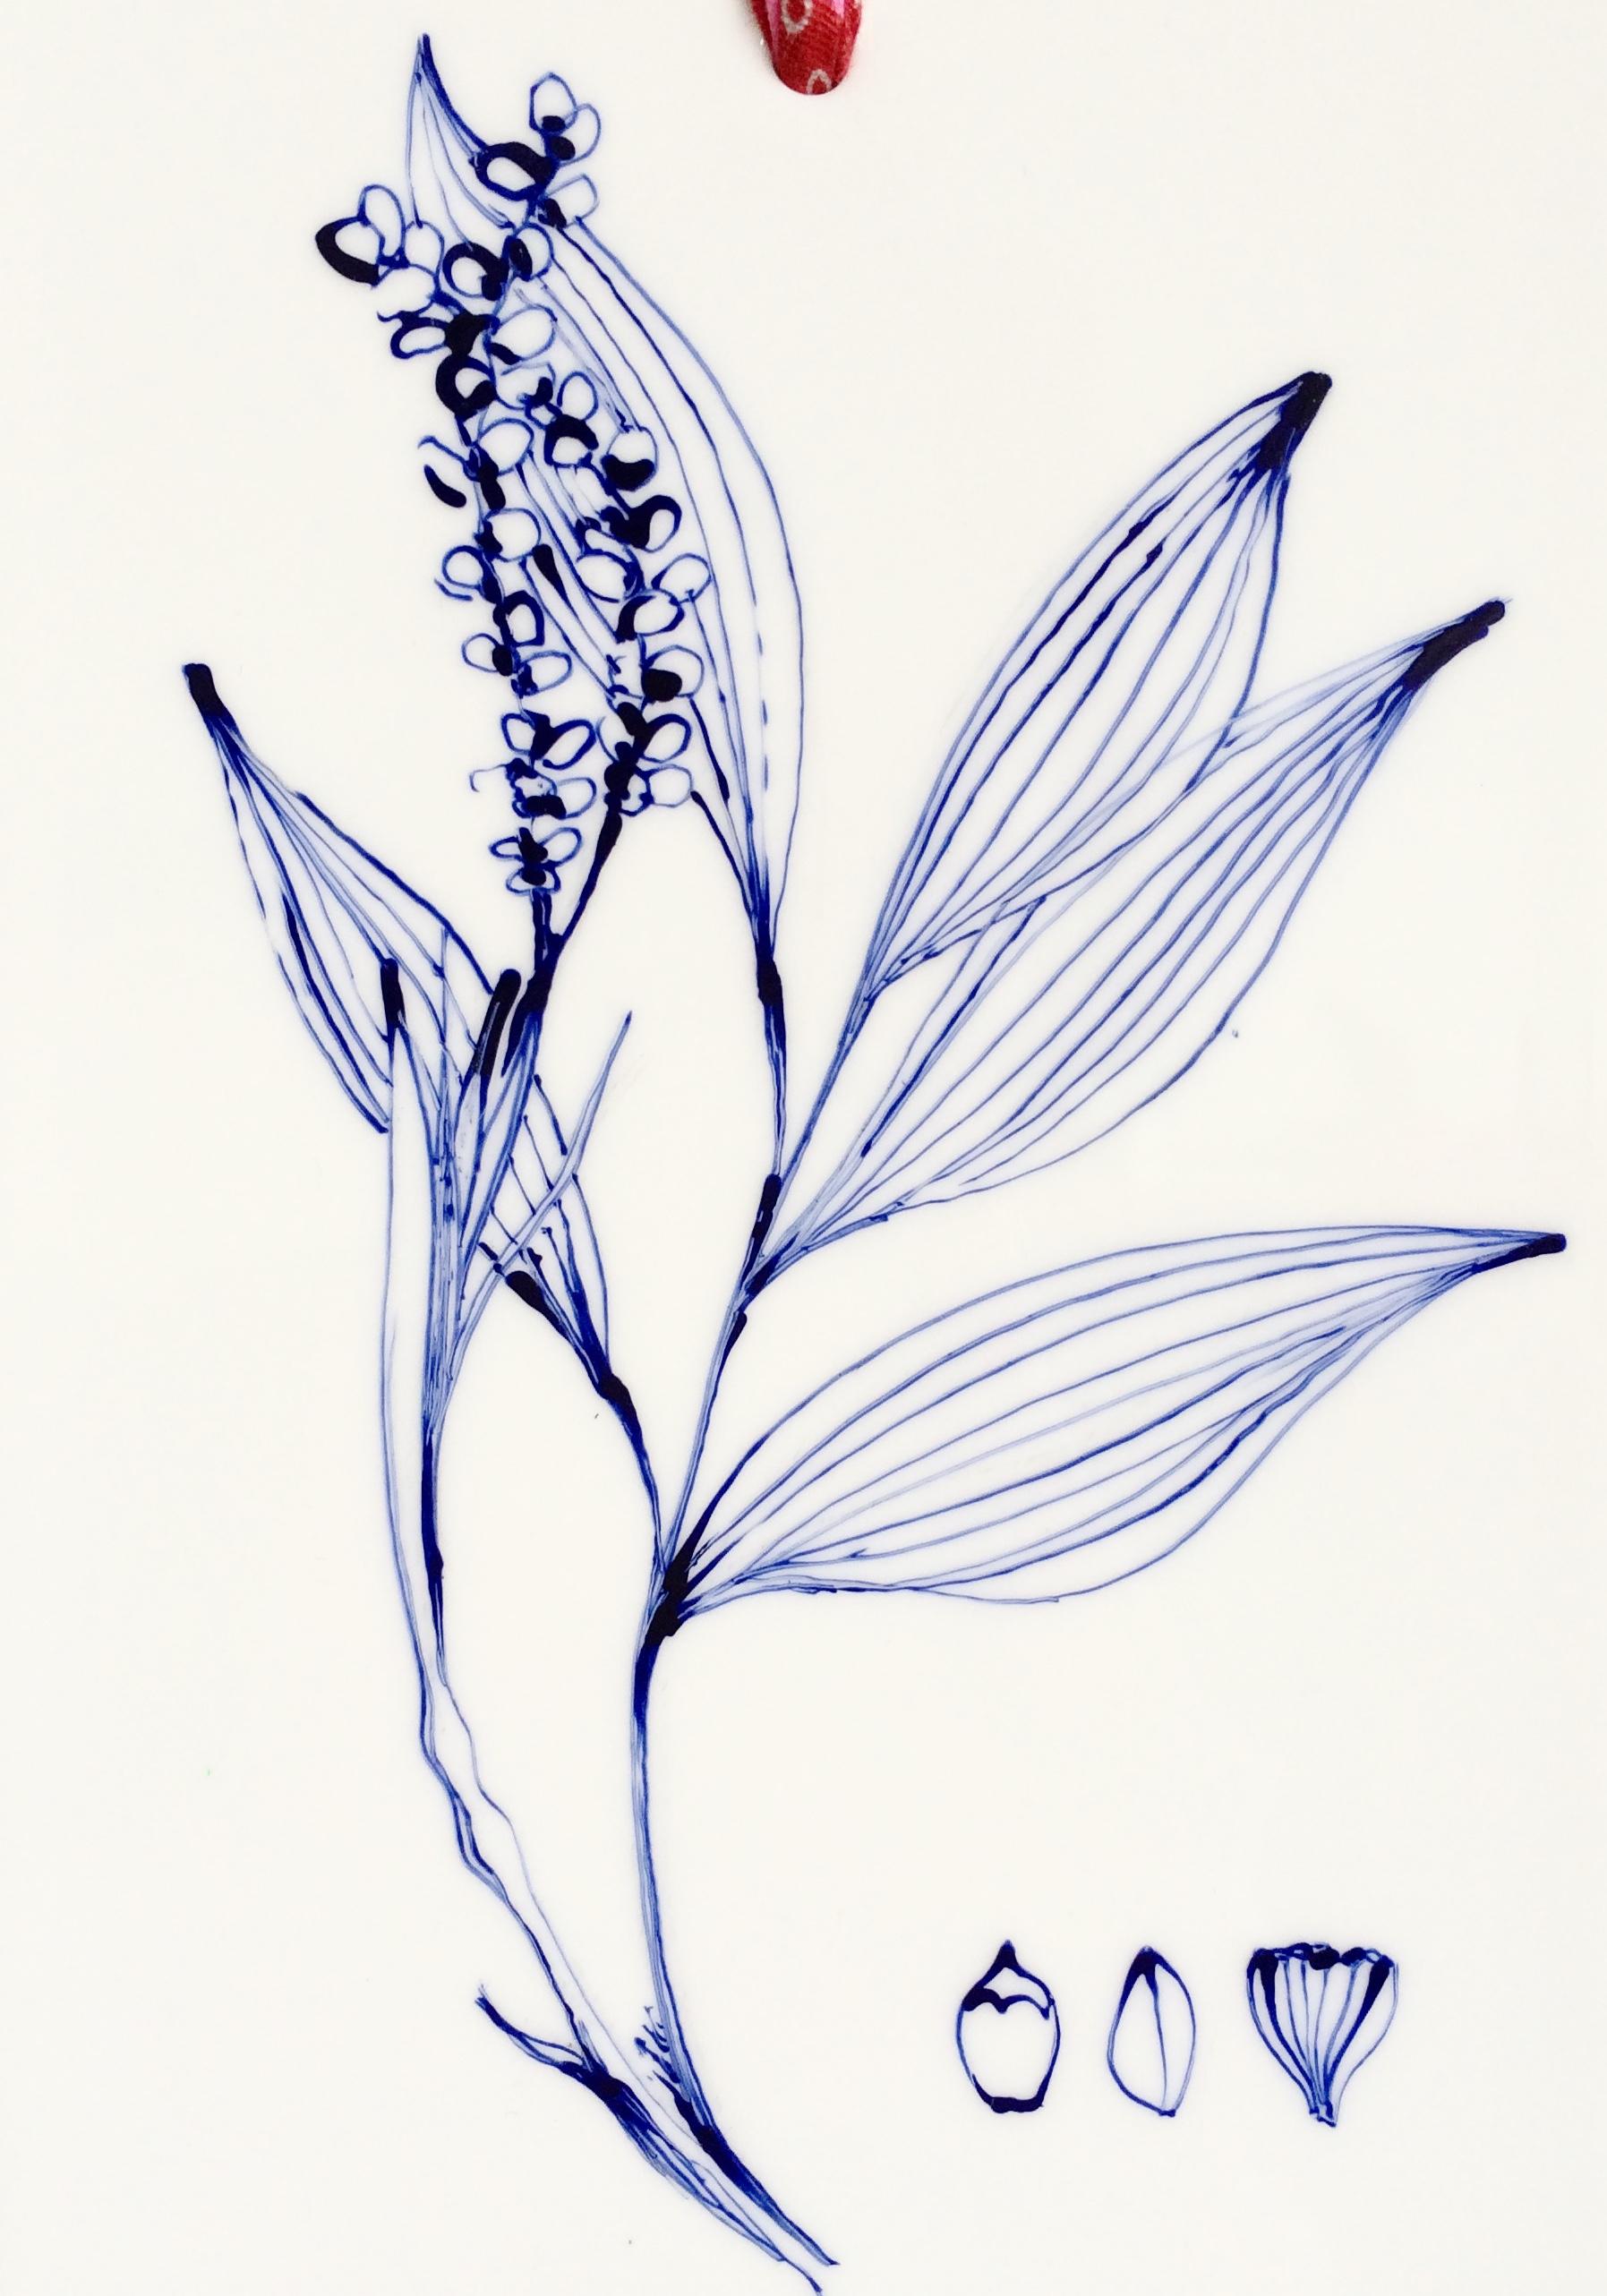 Plaque décor végétal 2 - détail